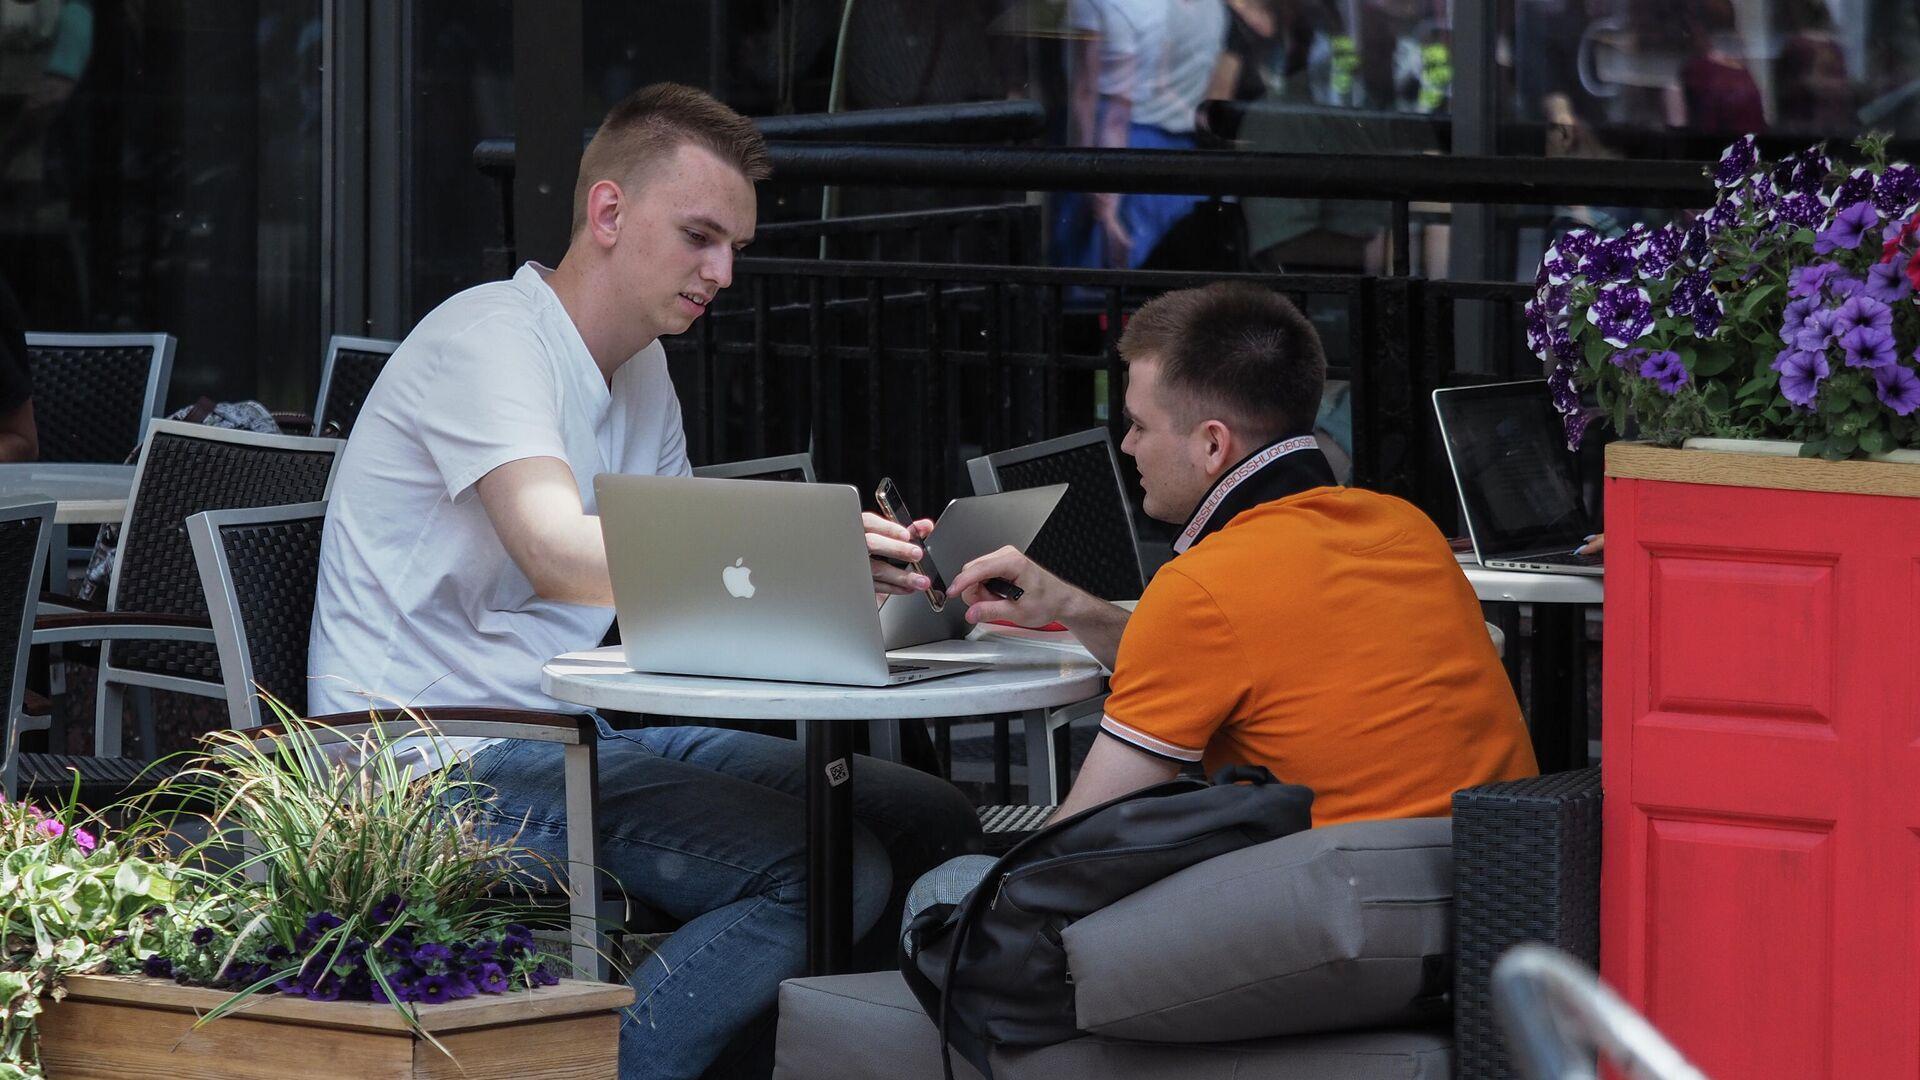 День Интернета в России - РИА Новости, 30.09.2020